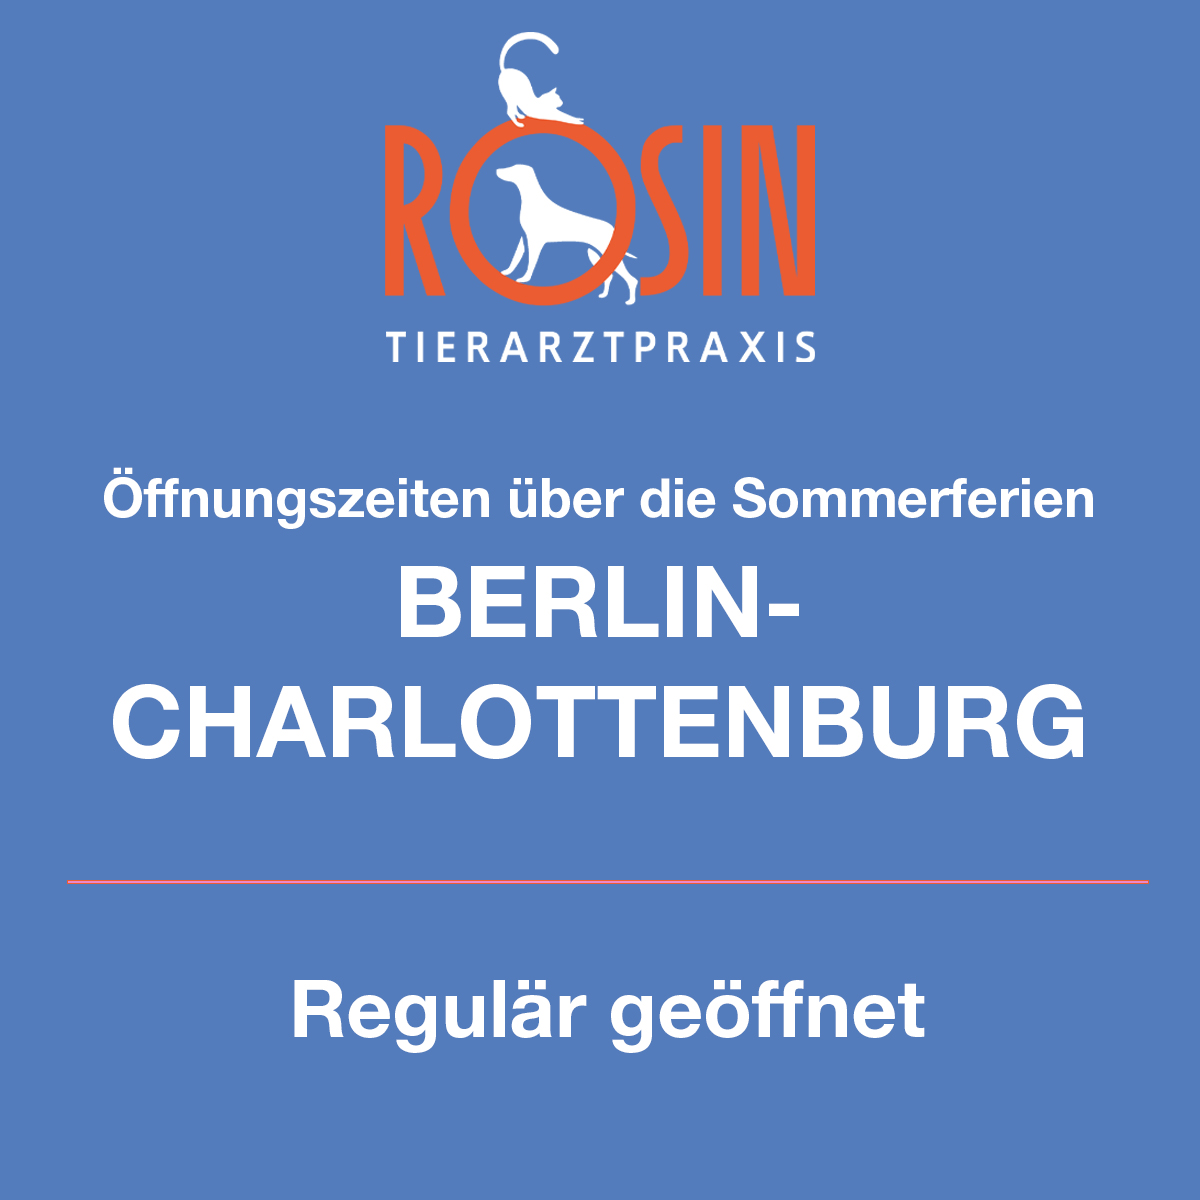 oeffnungszeiten_sommerferien_berlin_charlottenburg